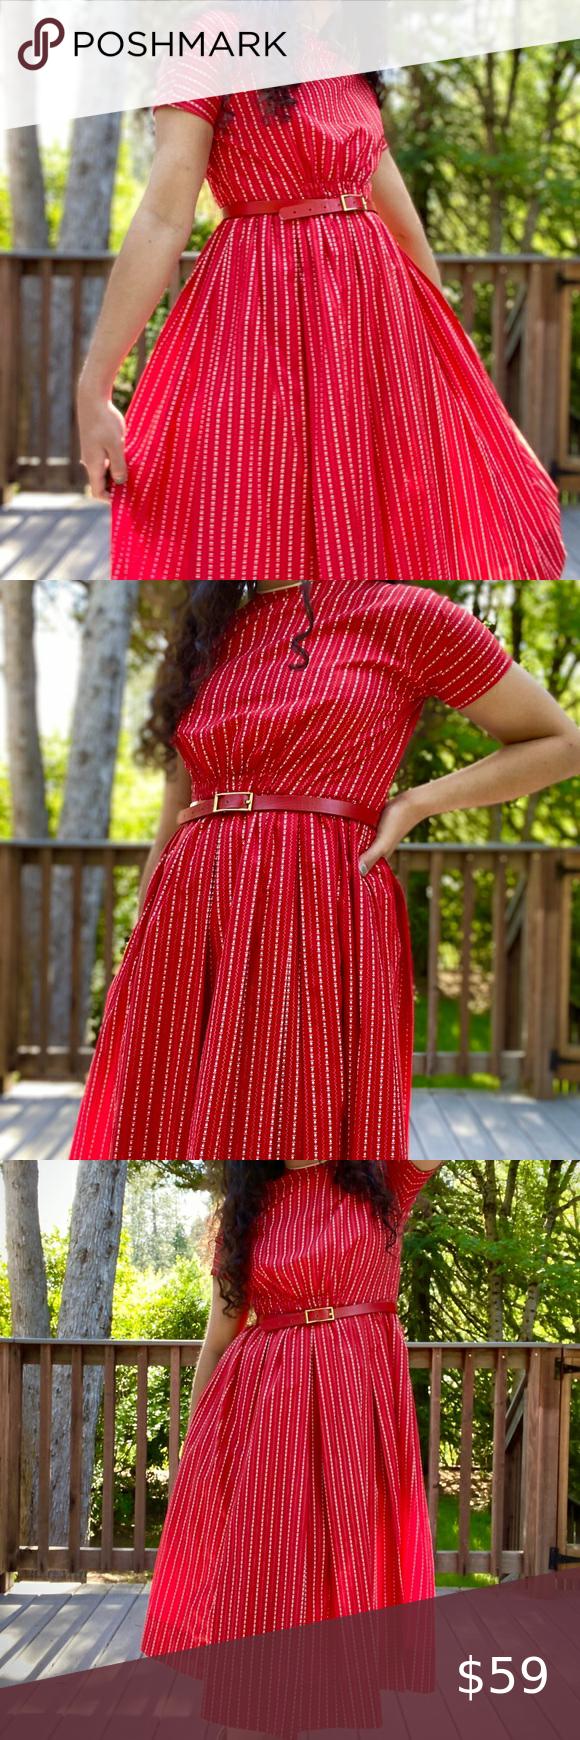 1950s Vintage Red Dress Vintage Red Dress Red Dress Dresses [ 1740 x 580 Pixel ]